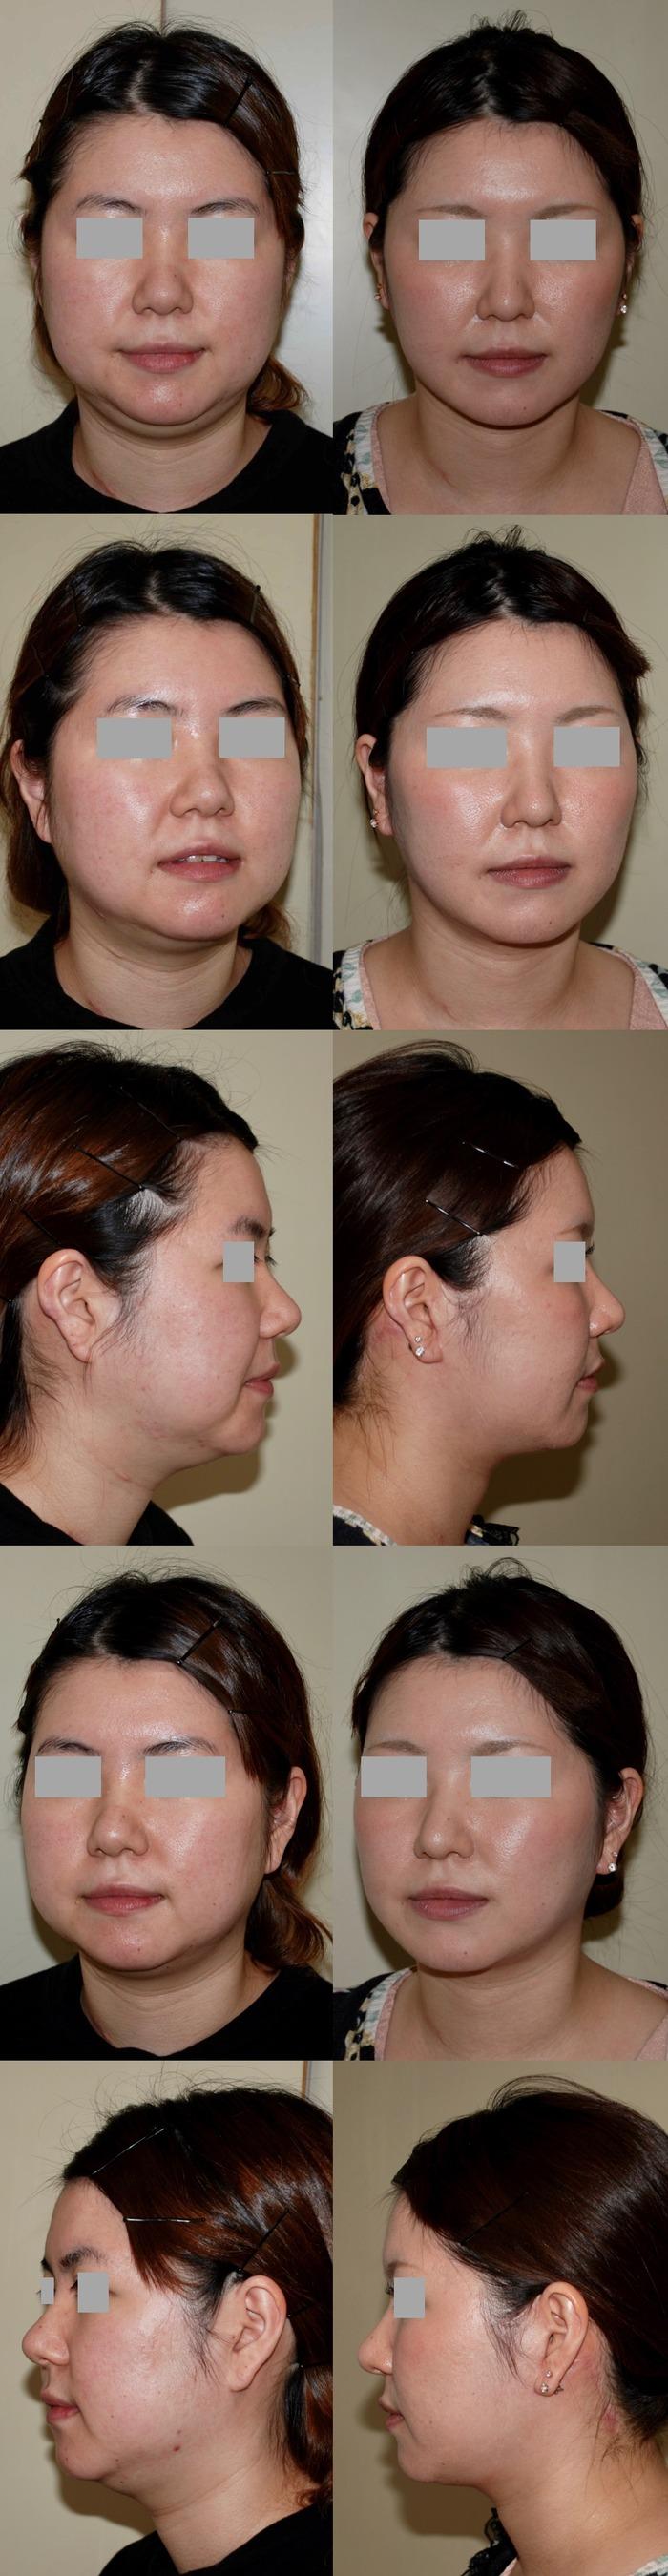 フェイスリフト ネックリフト 脂肪吸引 鼻尖縮小術 術後6ヶ月